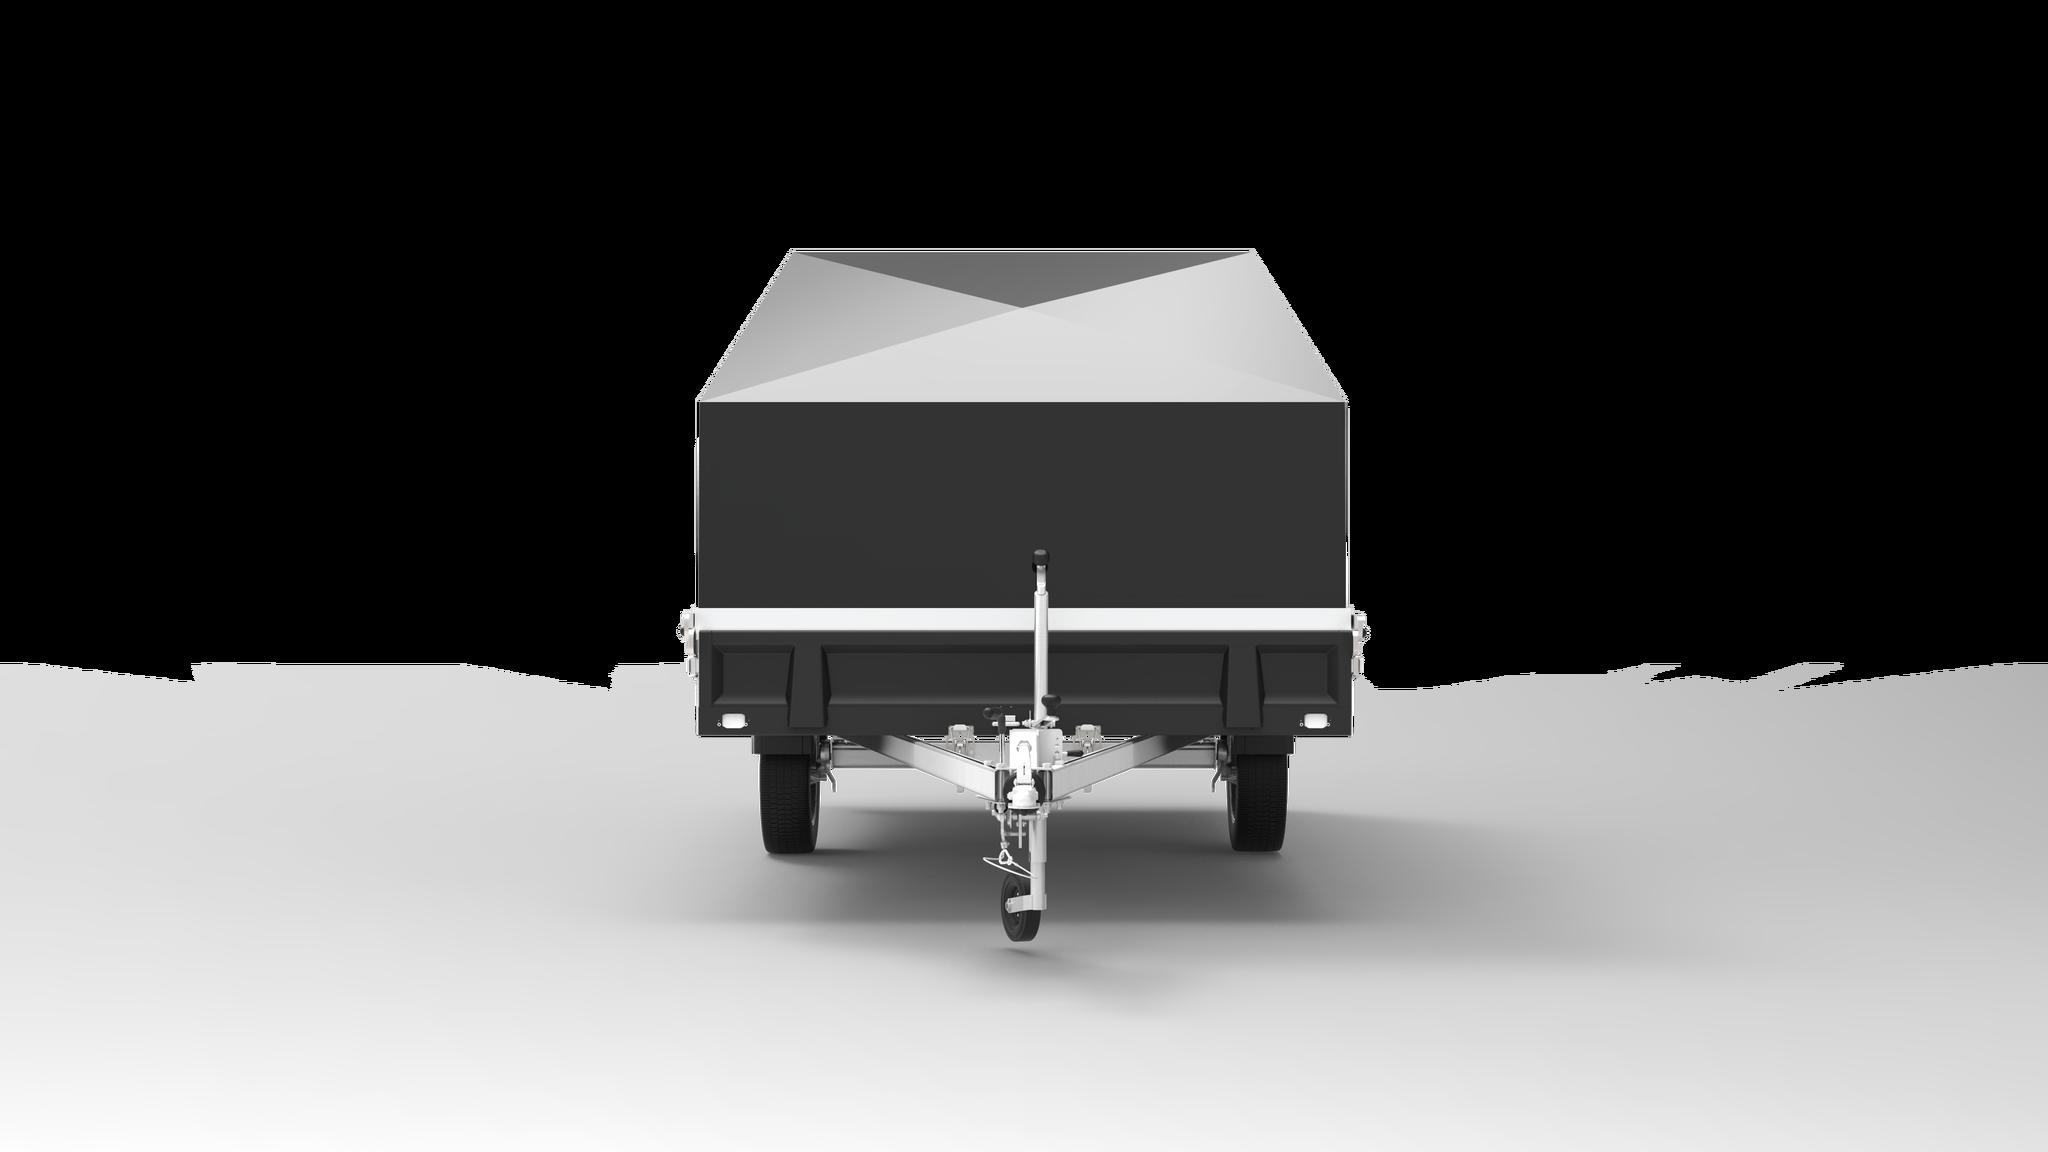 SNOWMASTER TT-495I / 190